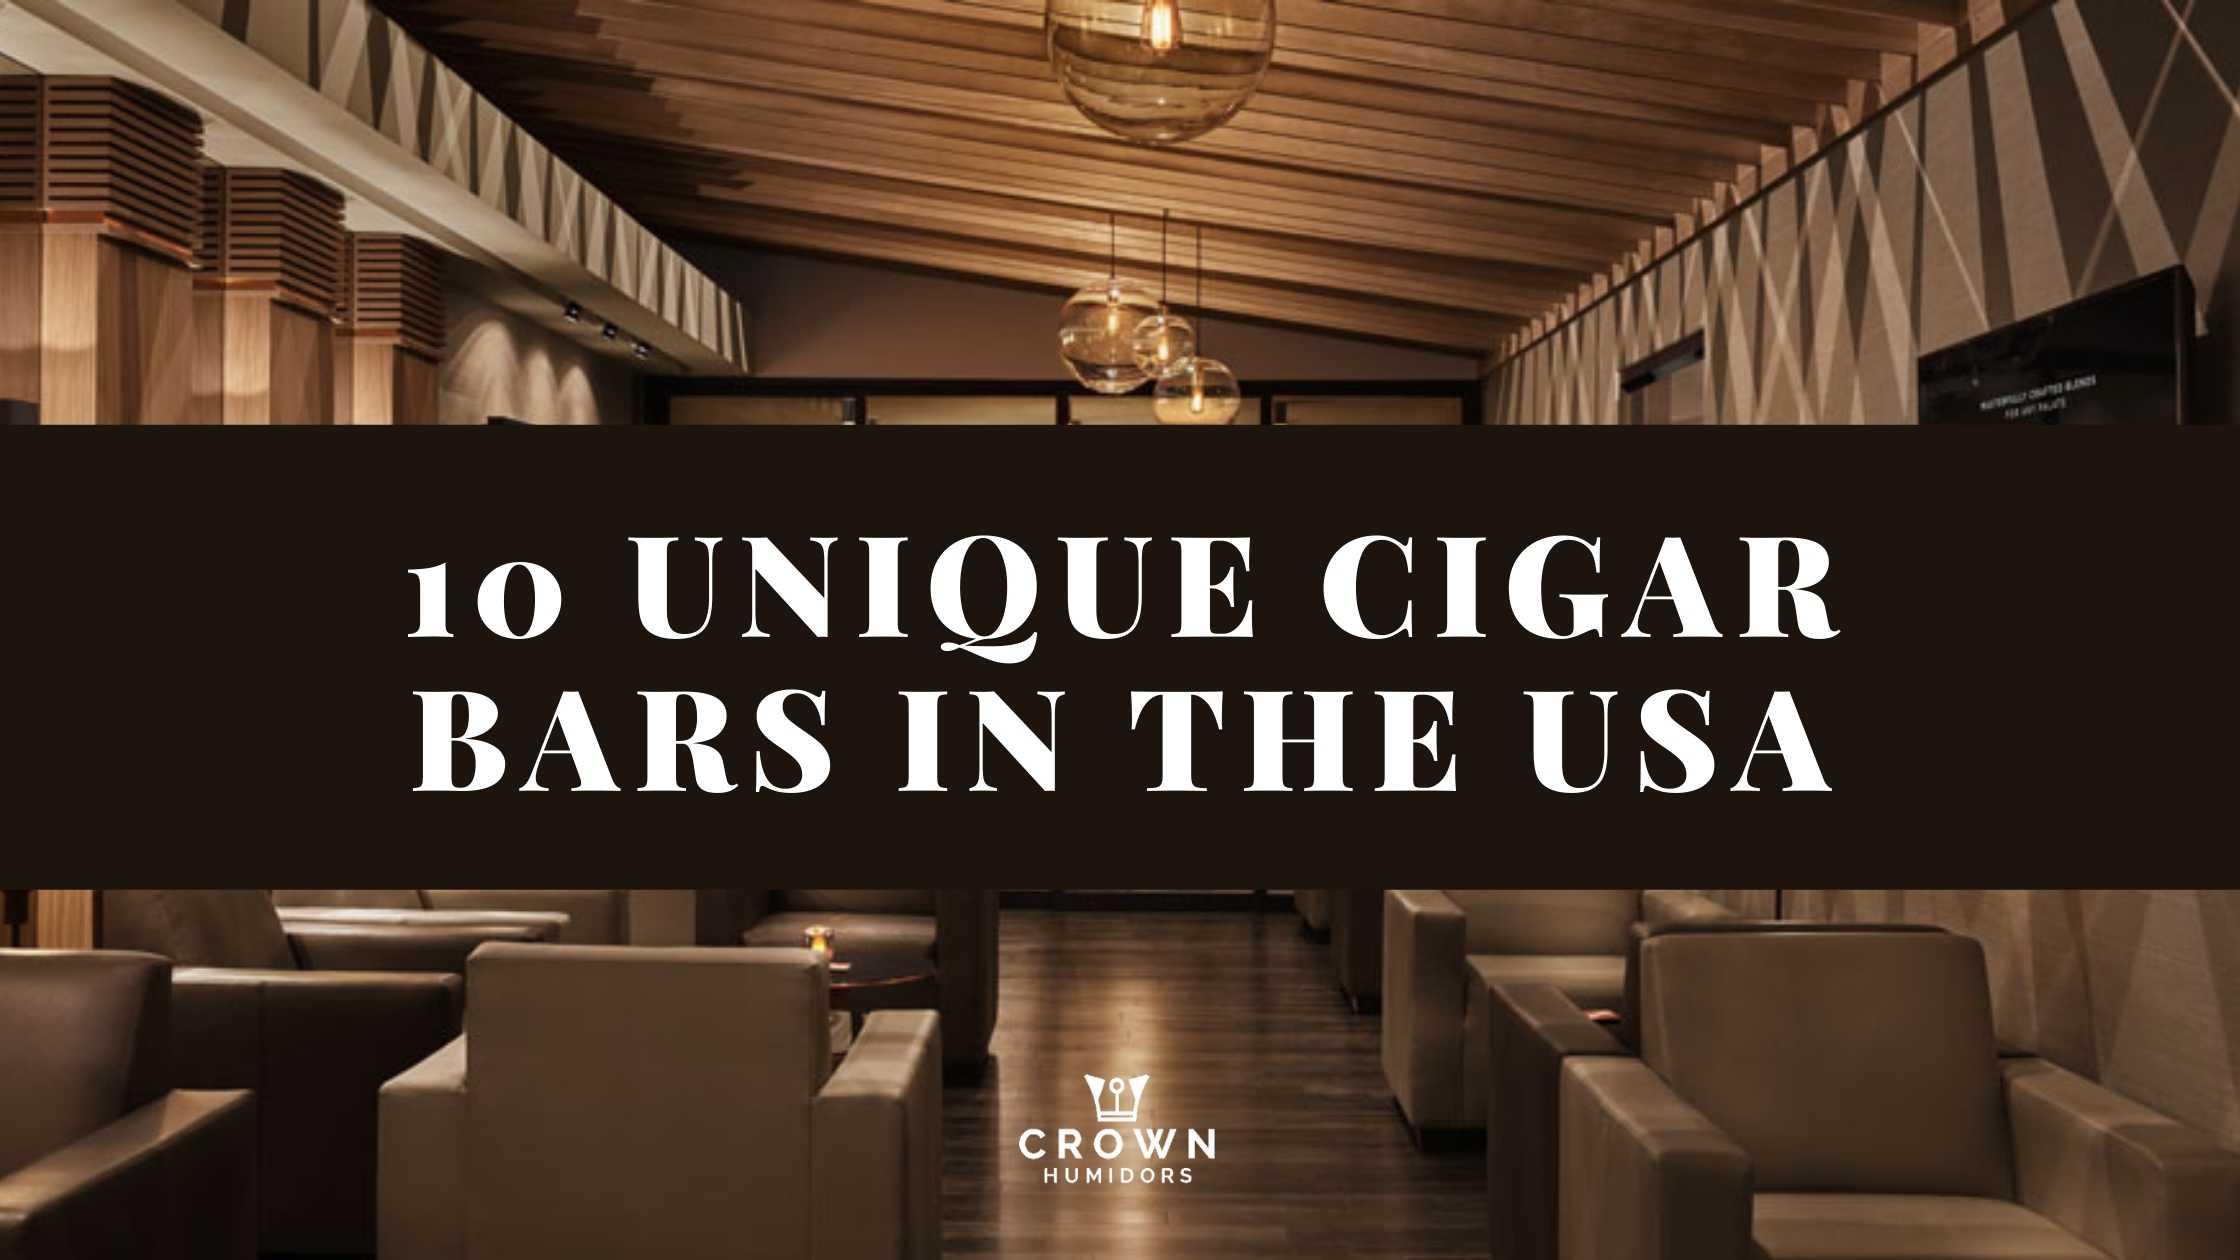 10 unique cigar bars in the usa